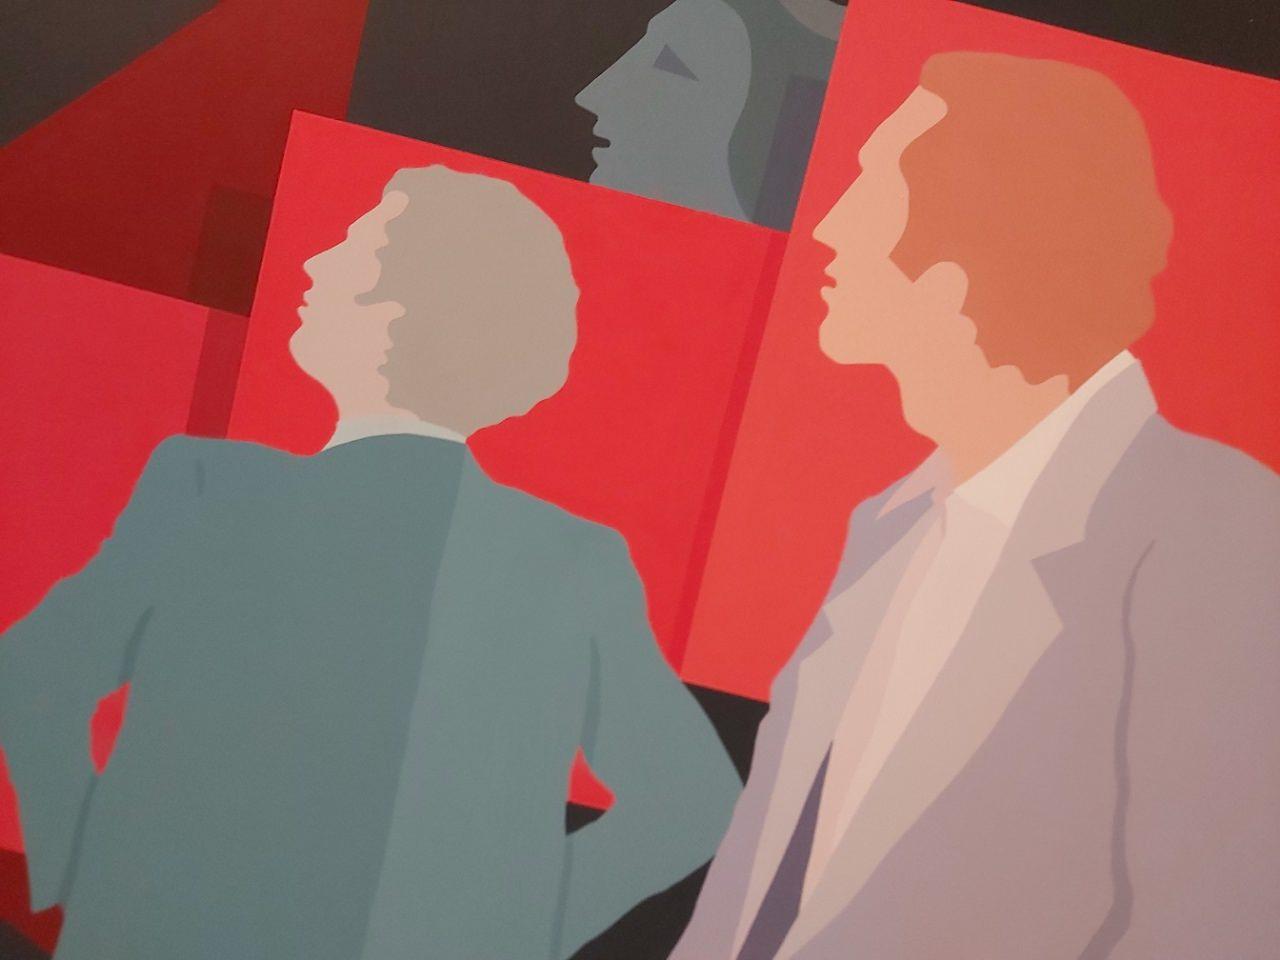 Fundación Chirivella Soriano. Obra de Luís Prades, en la exposición 'Pintura Española. Segunda Mitad del siglo XX', en el Museo de la Ciudad.